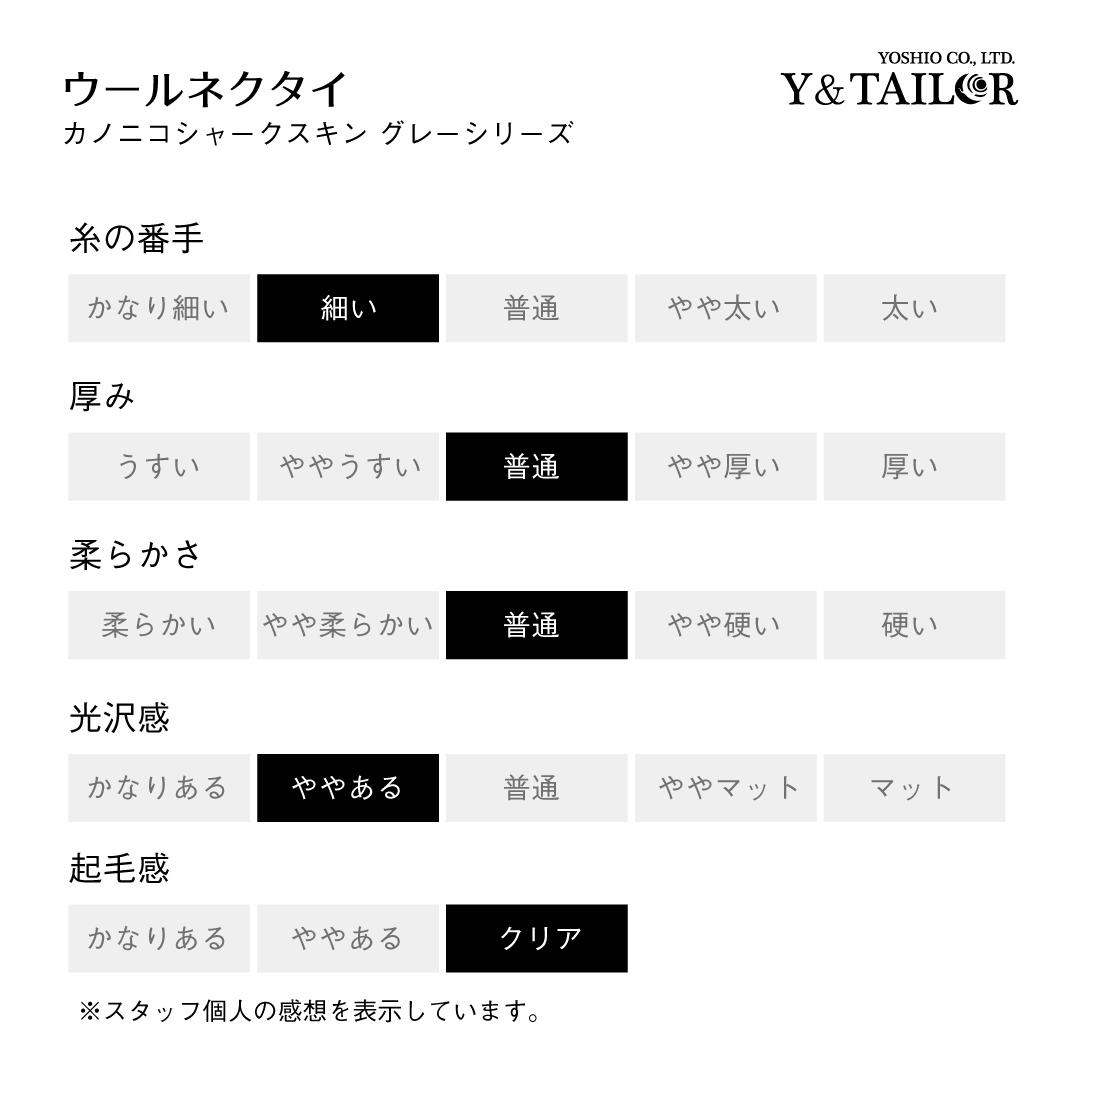 ネクタイ ウール CANONICO SHARK SKIN カノニコ シャークスキン 3colors